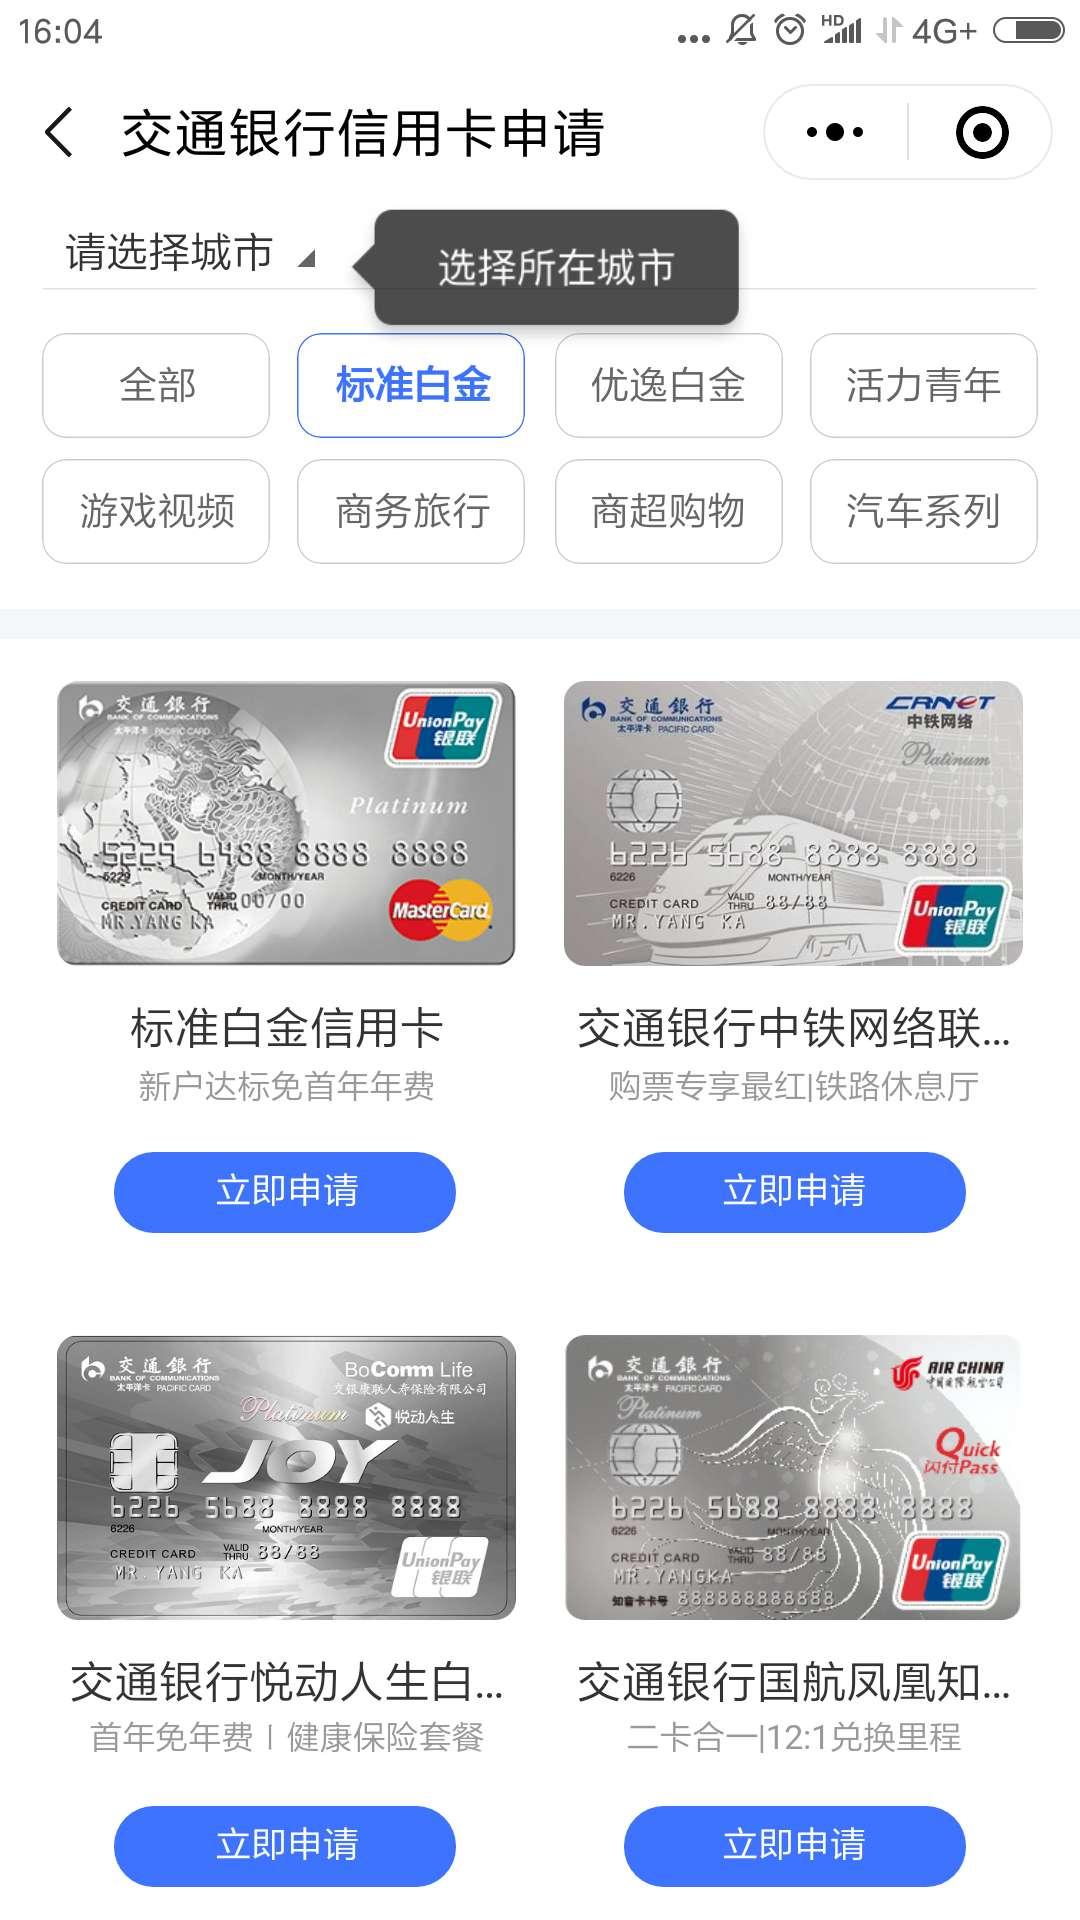 交通银行信用卡快速申请